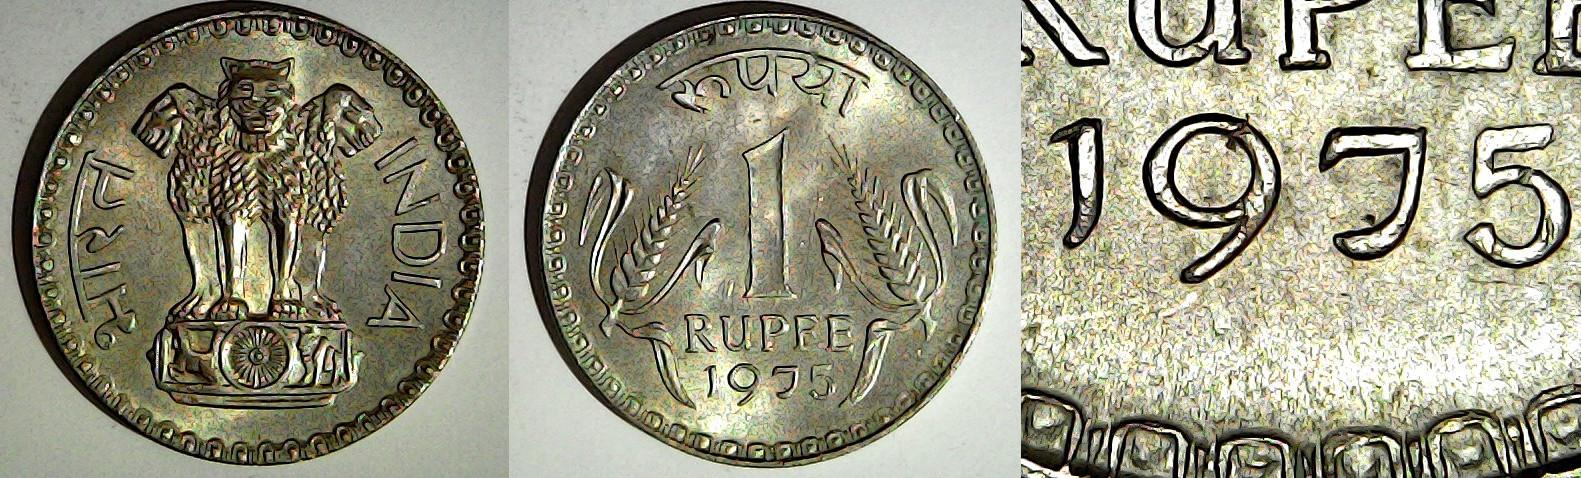 1 Rupee 1975 Calcutta Inde